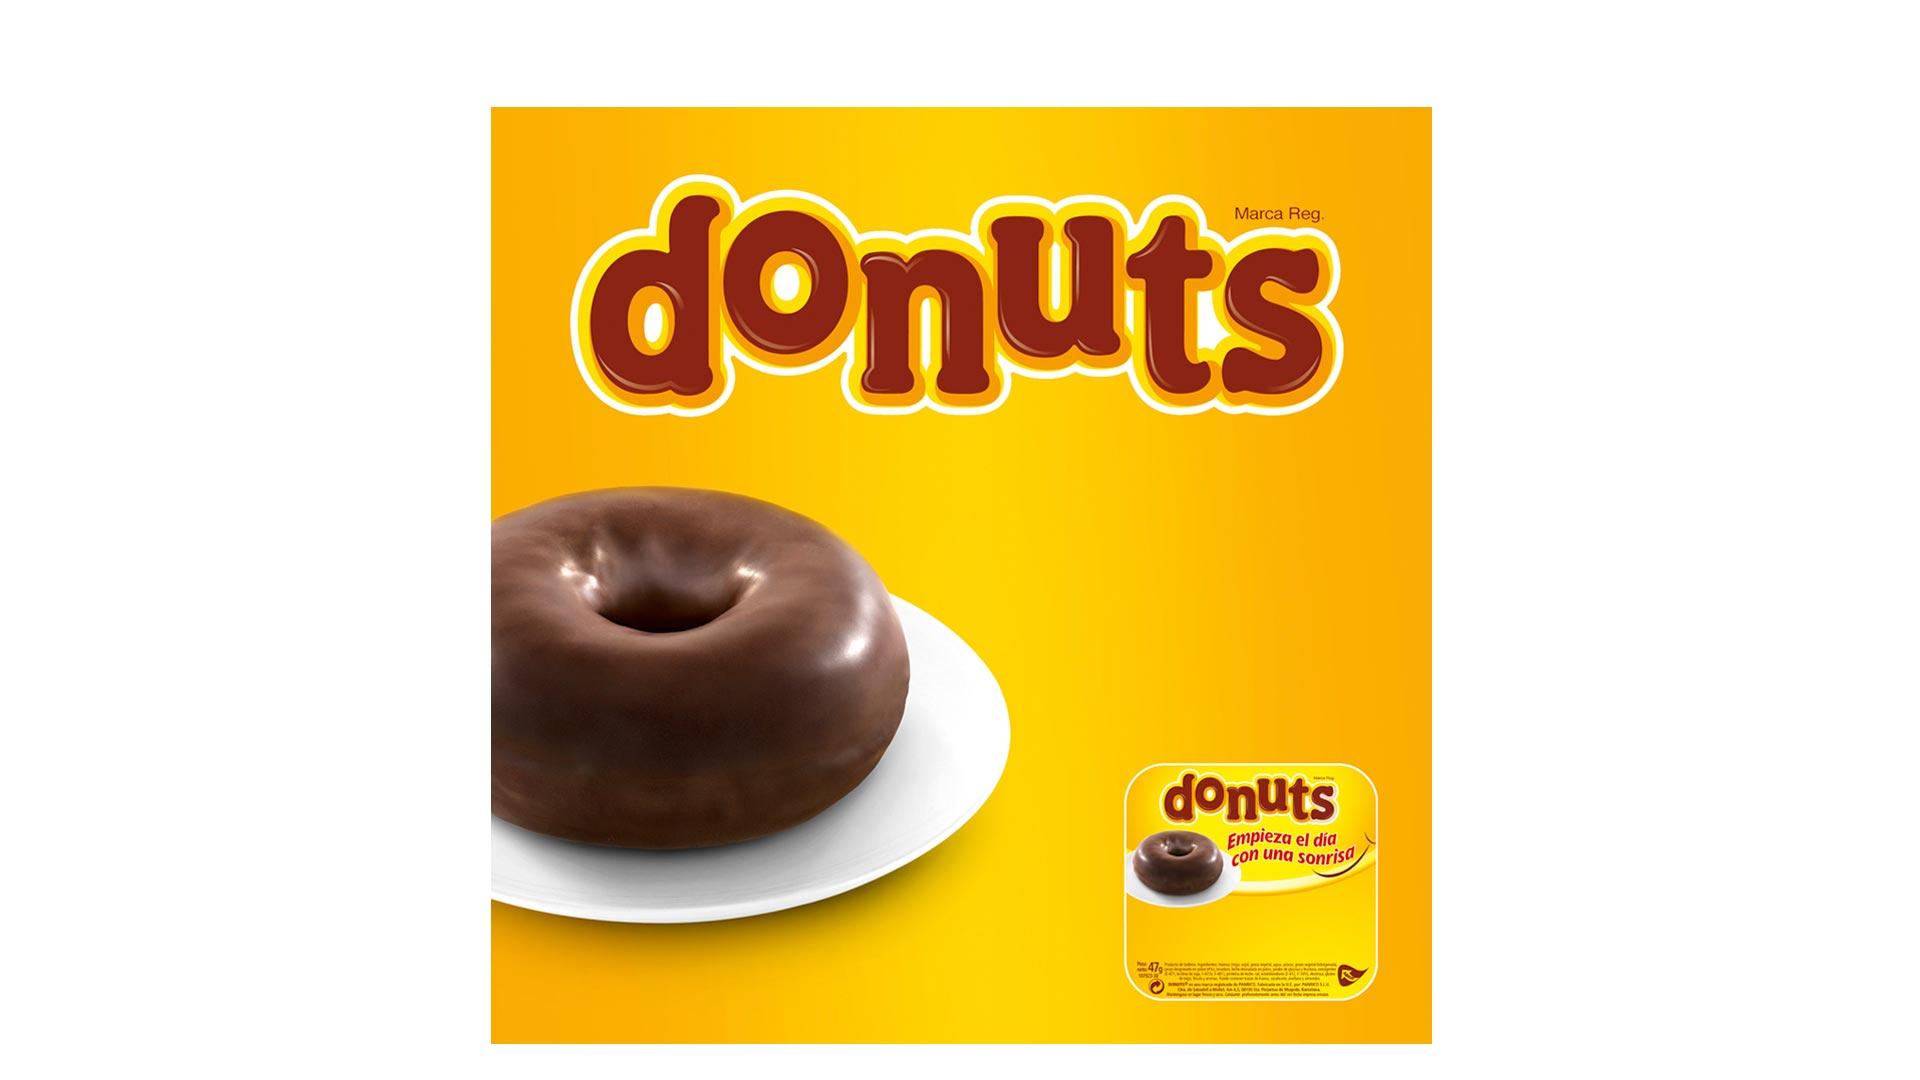 pk_f4p2b-donuts-01